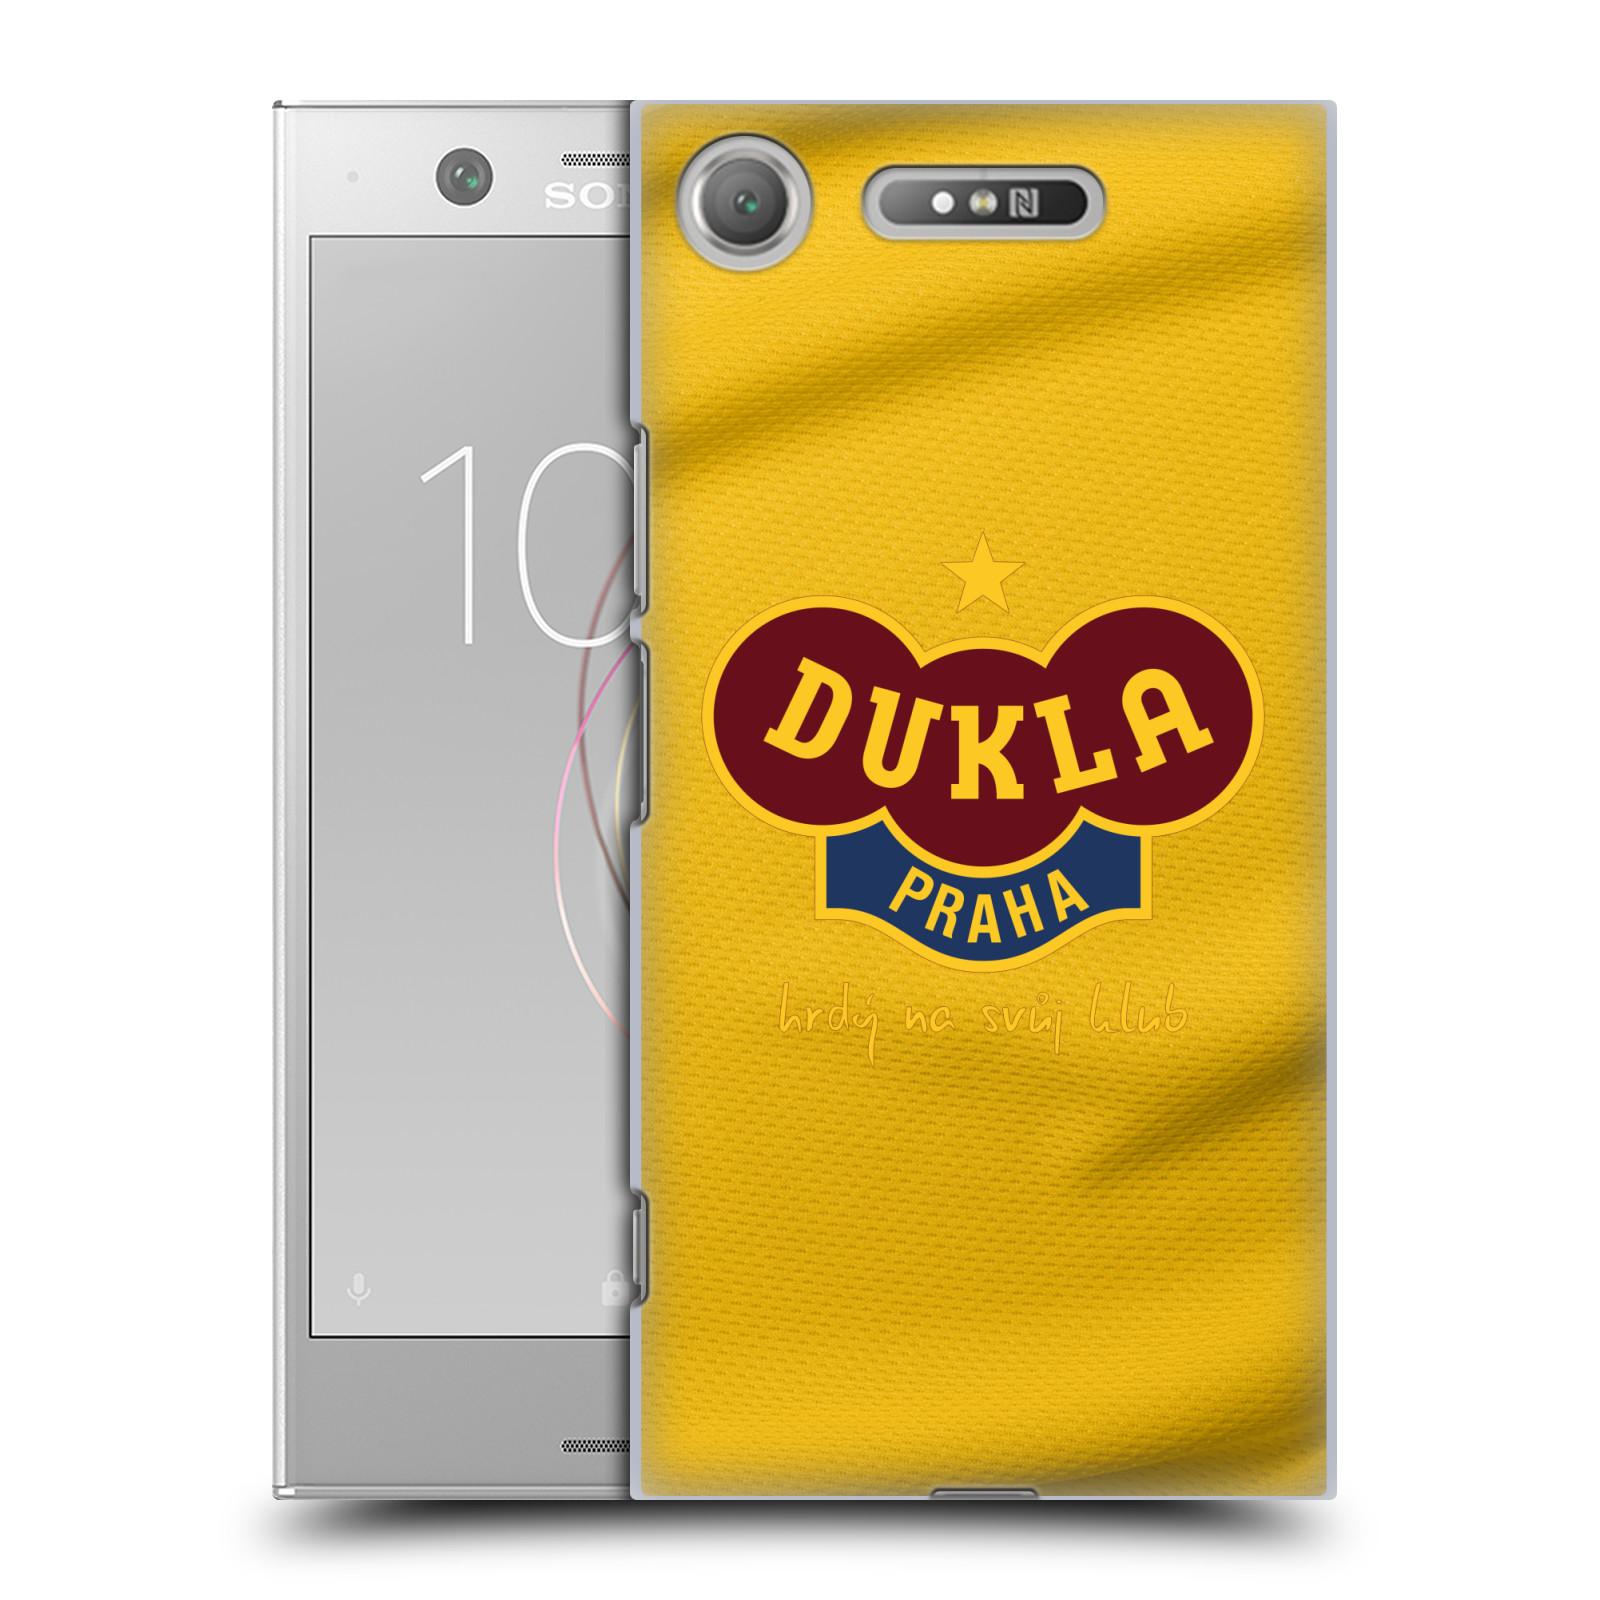 Plastové pouzdro na mobil Sony Xperia XZ1 - FK Dukla Praha - Žlutý dres